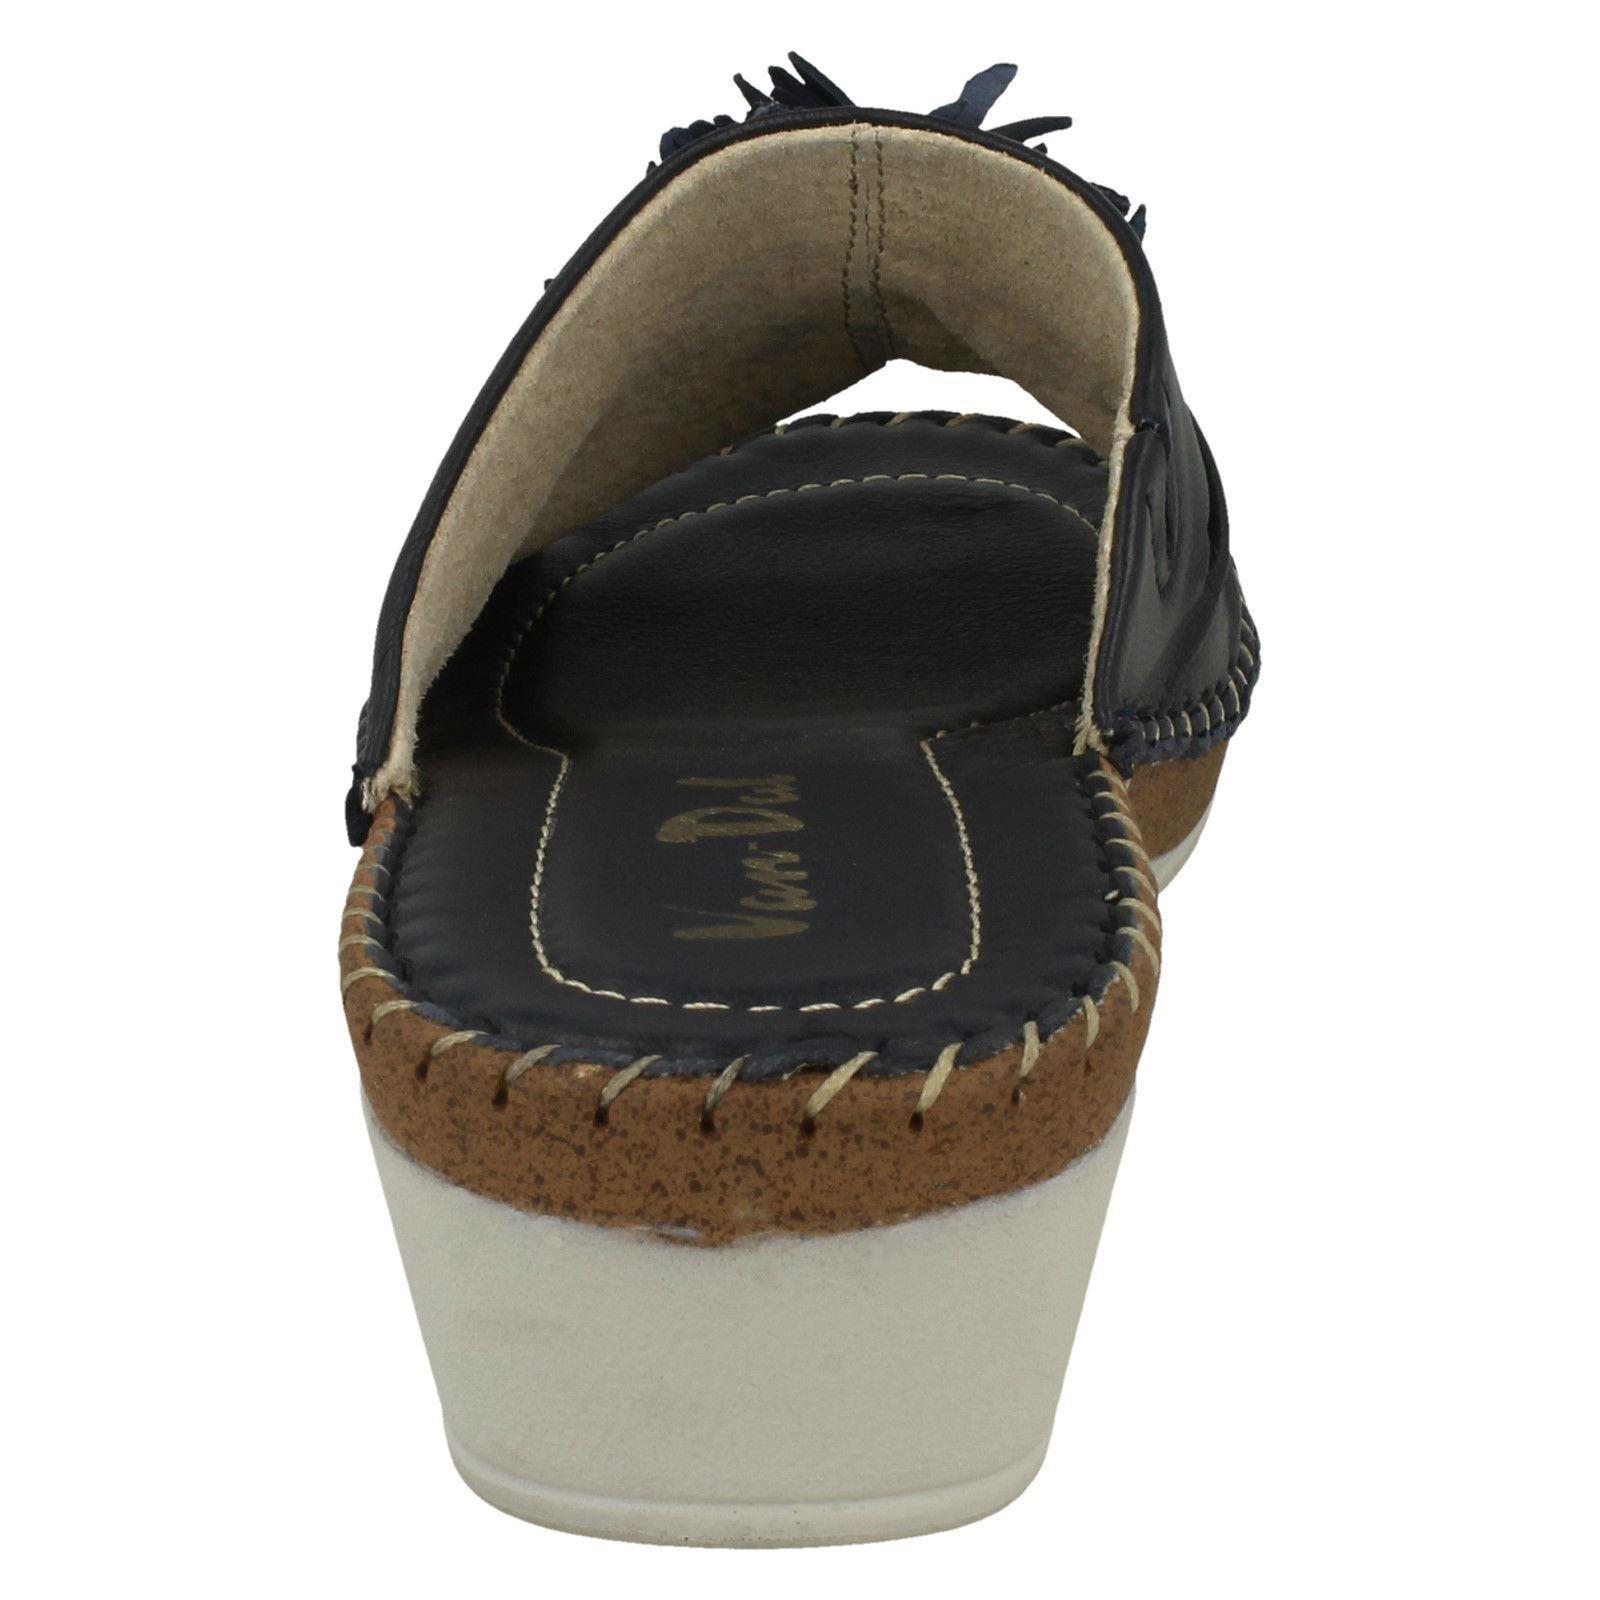 Ladies-Van-Dal-Wedge-Heel-Mule-Sandals-039-Banks-039 thumbnail 15